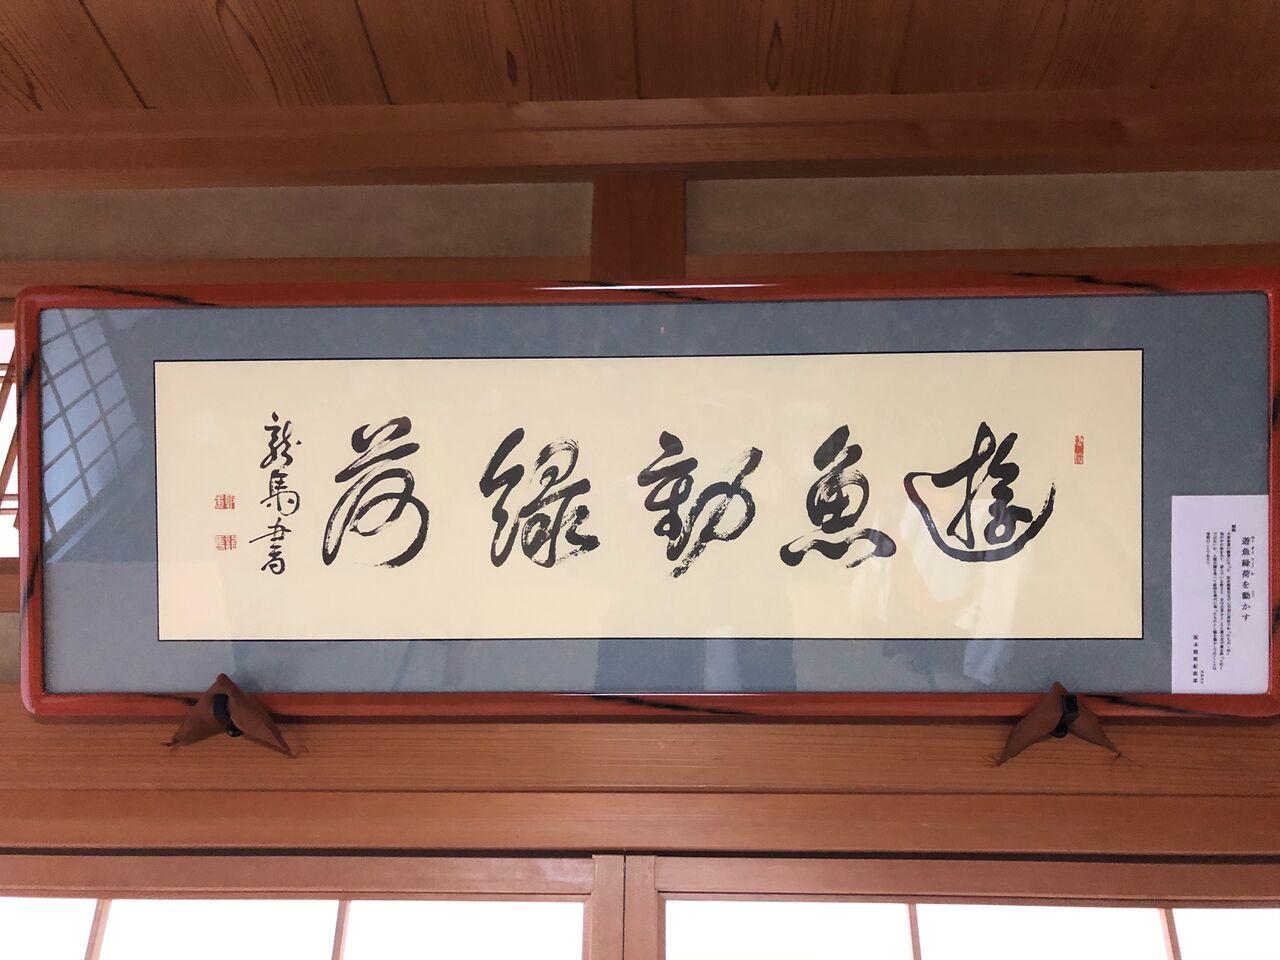 20210105我家に初めて掲げた欄間額「坂本龍馬書・遊漁動緑荷」1